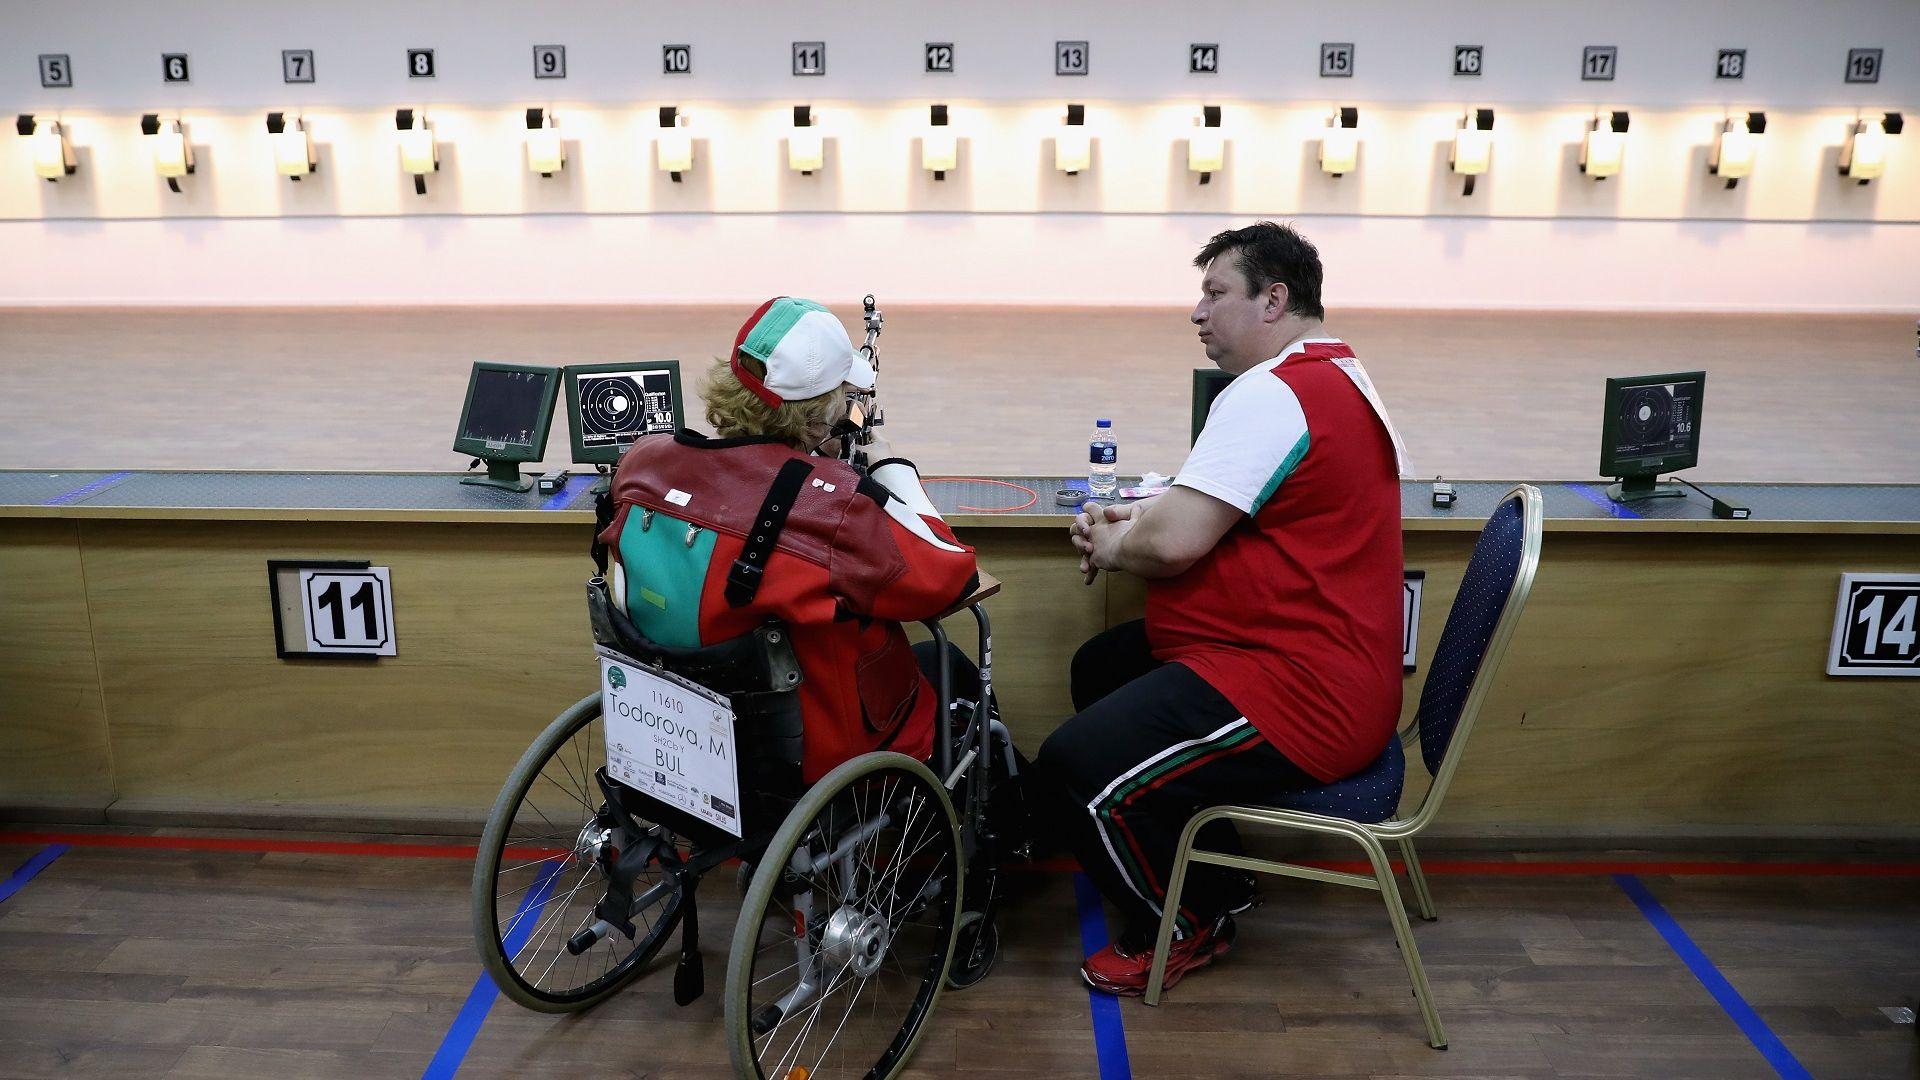 Милена Тодорова не стигна до финал, но завърши с най-добър резултат от жените в Токио